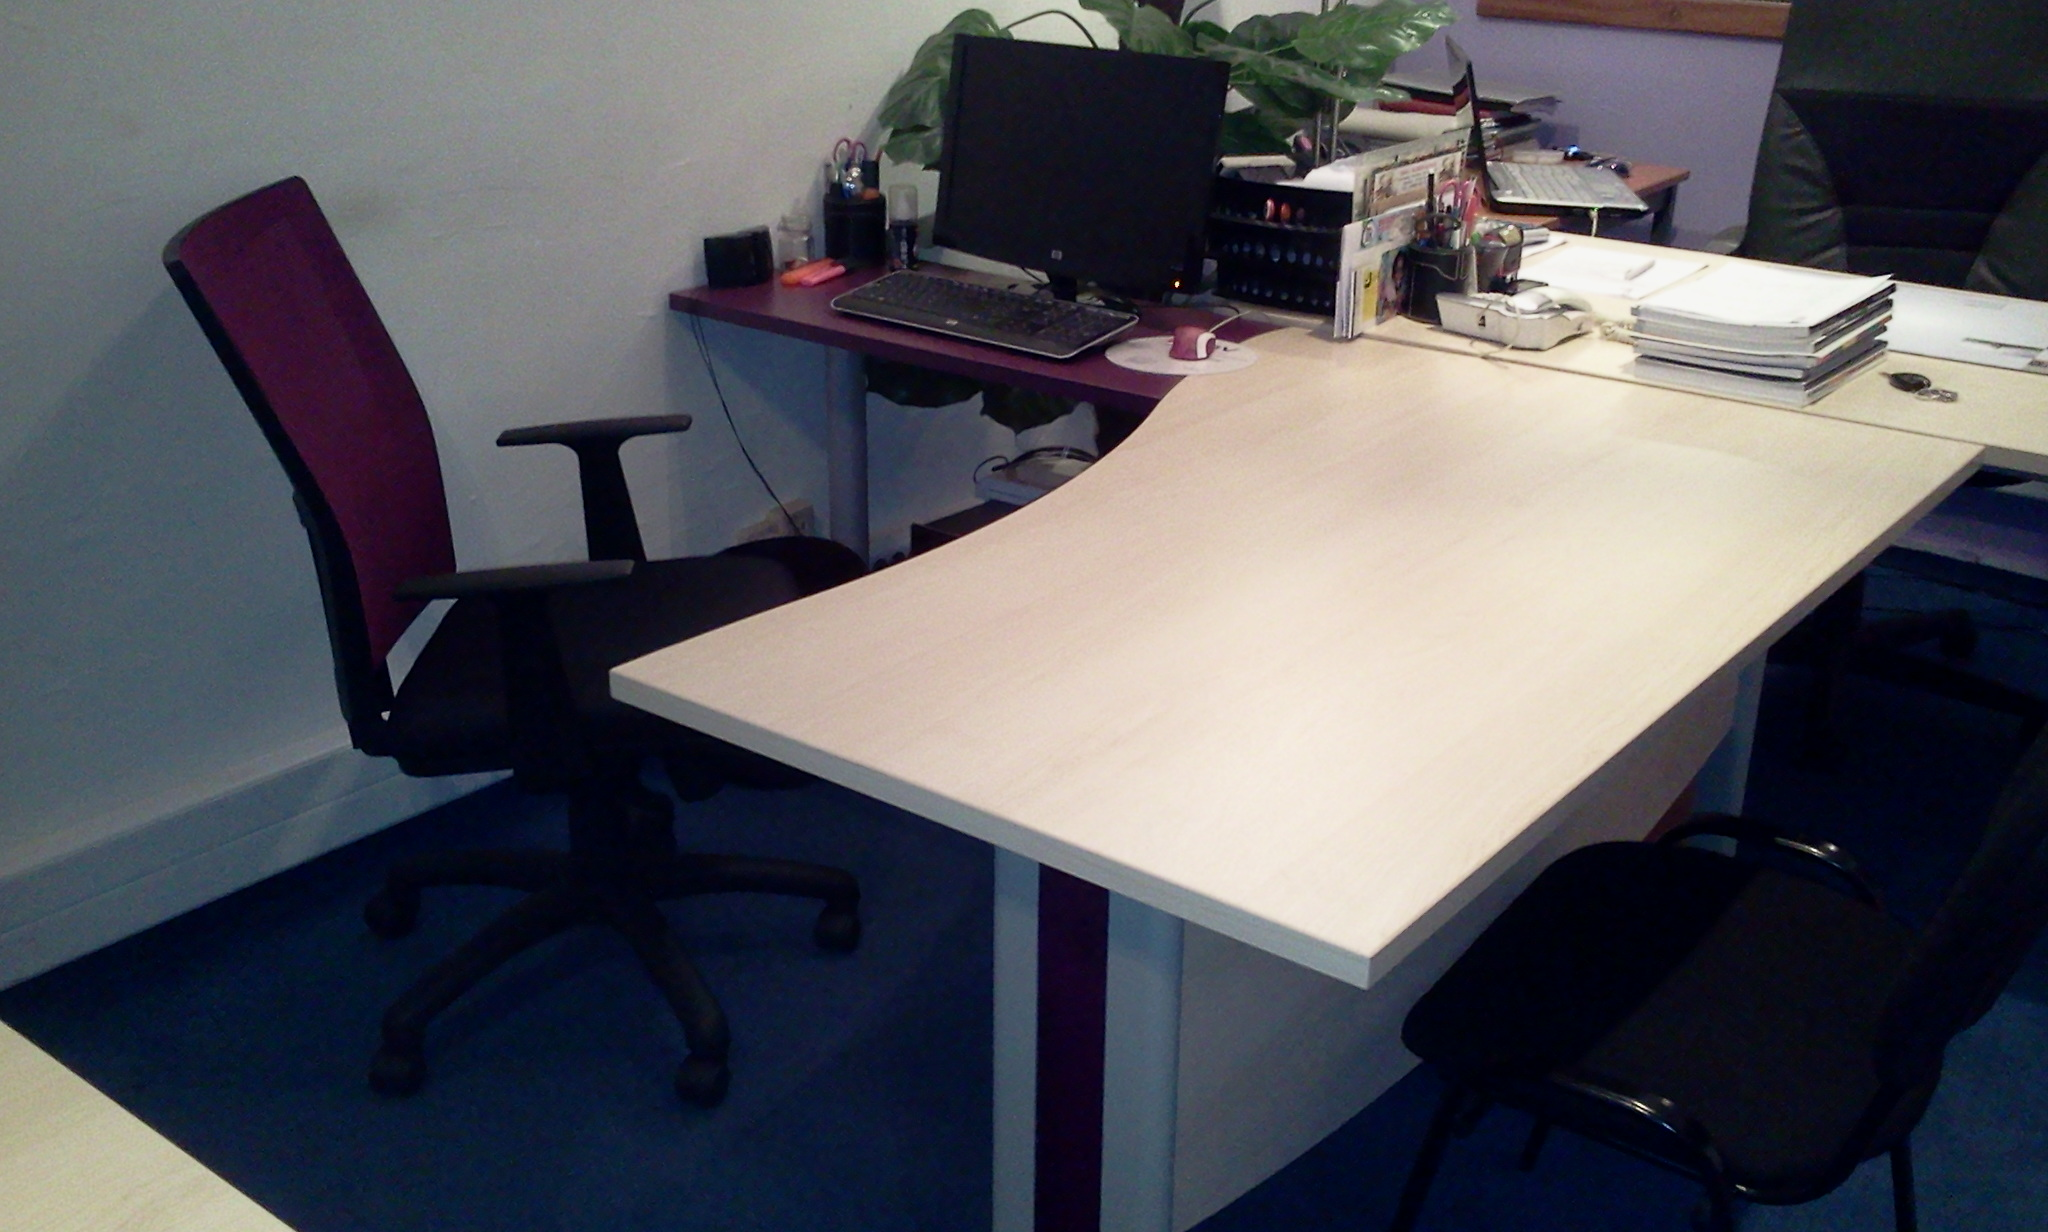 Meubles bureaux guadeloupe l entrepot du mobilier de bureau la r f rence en am nagement et - Meubles gautier guadeloupe ...